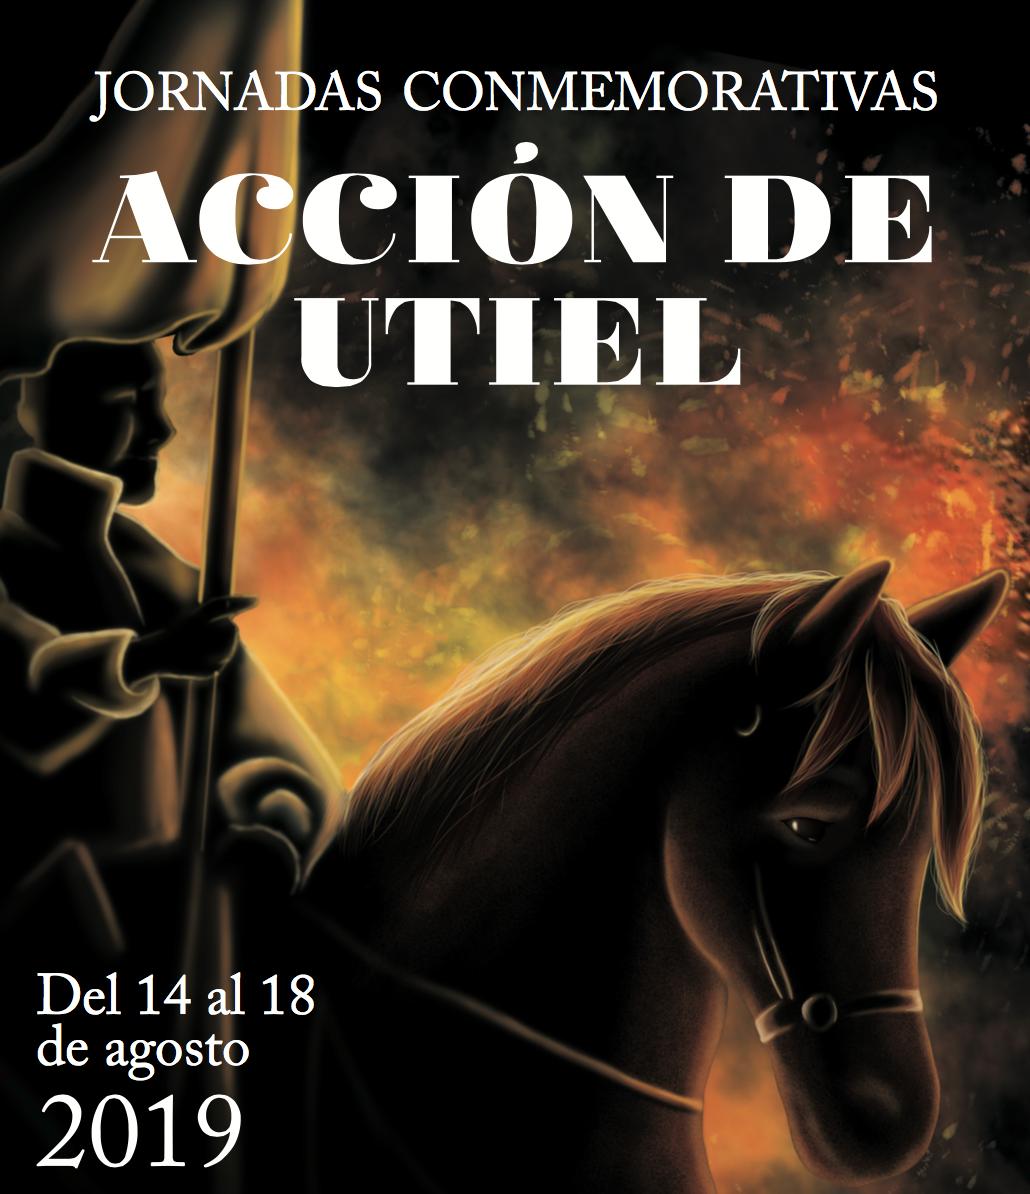 Disfruta de las Jornadas Conmemorativas Acción de Utiel y conoce la historia de un pueblo que venció a Napoleón